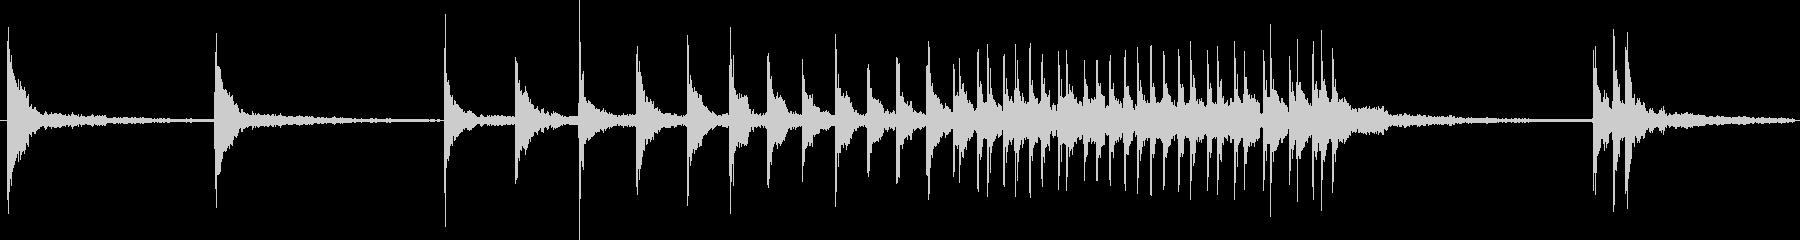 鼓の連打音の未再生の波形